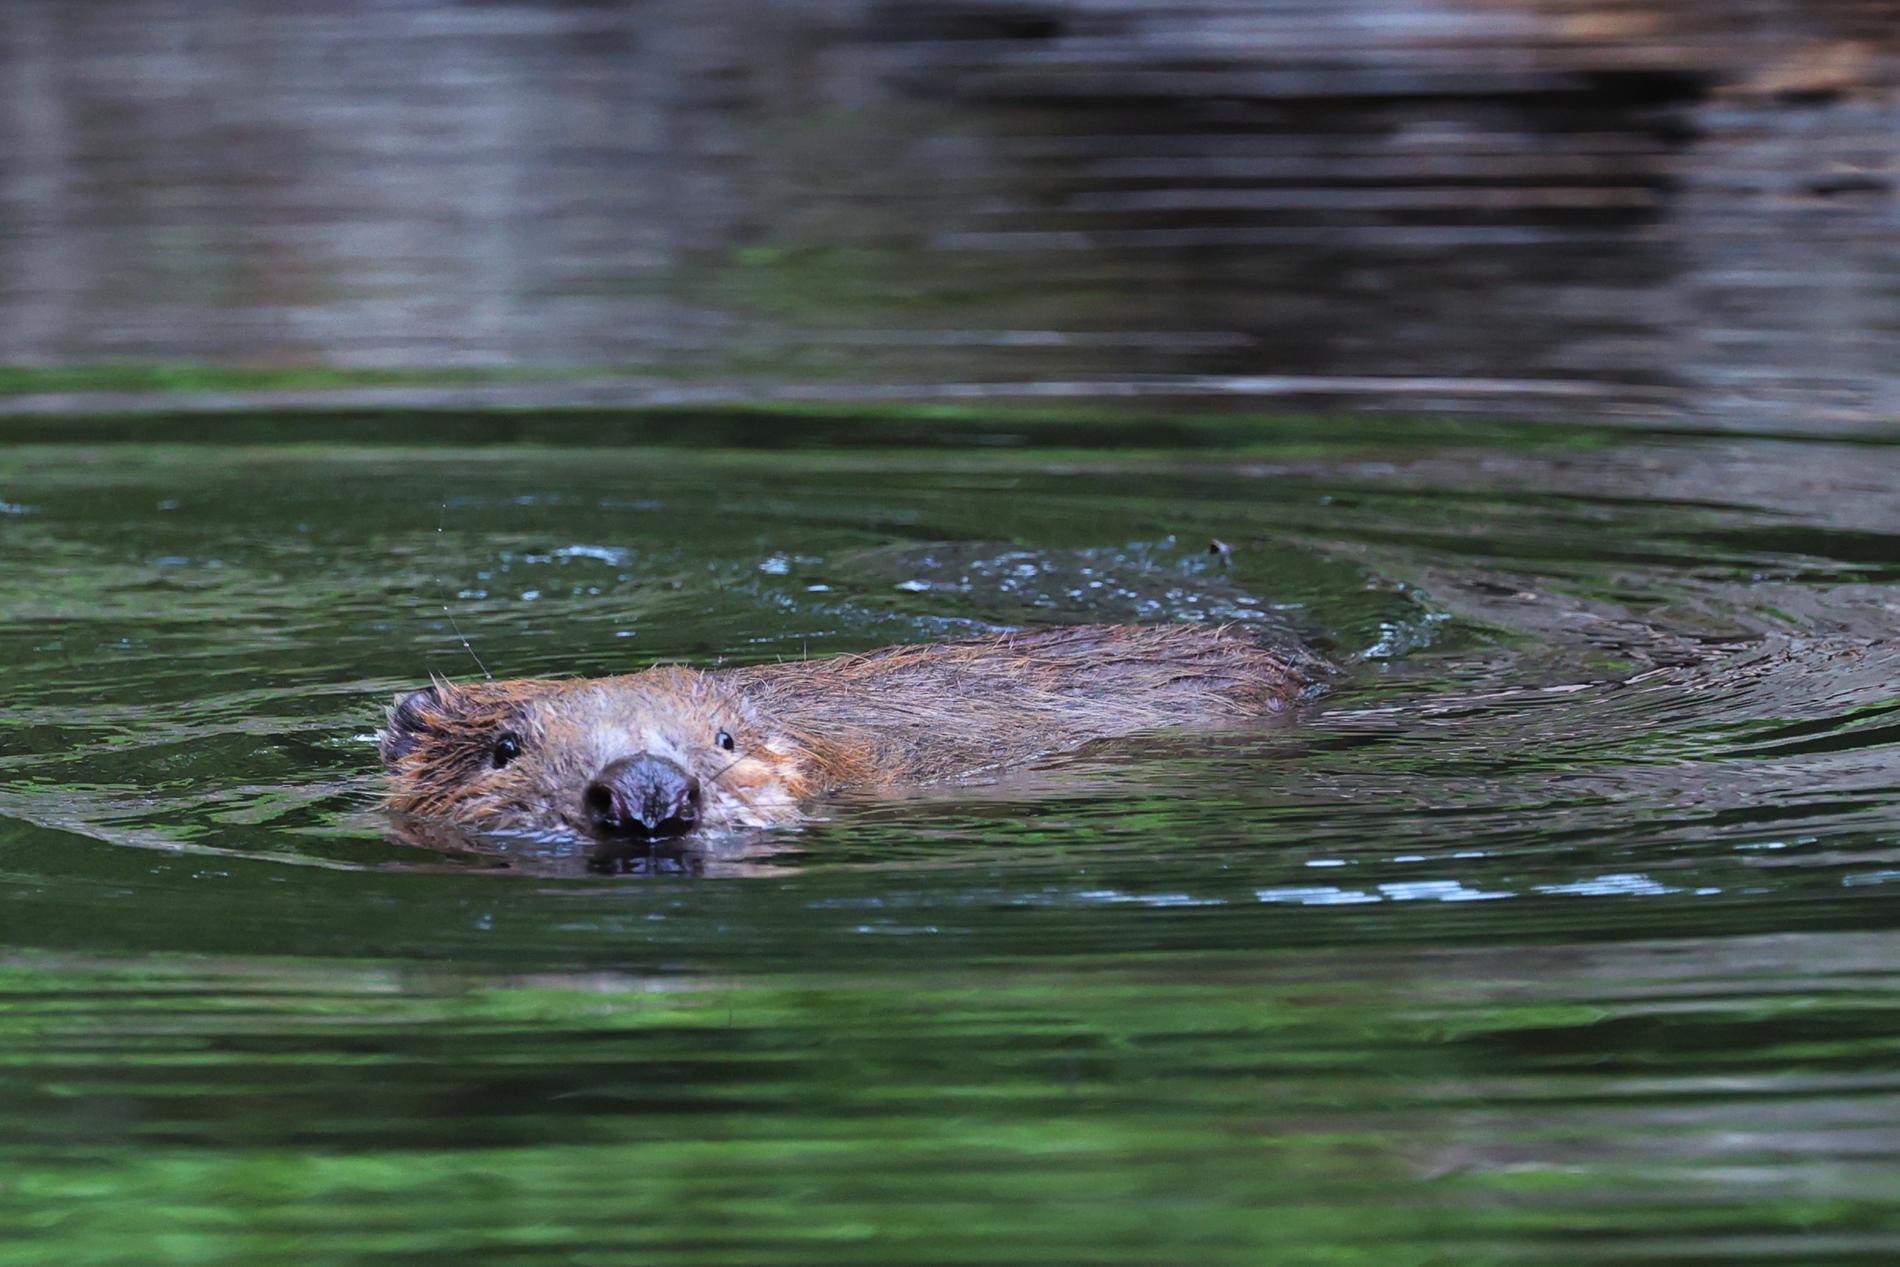 De var fel av länsstyrelsen att bevilja skyddsjakt på en bäver som bitit en simmande kvinna. Detta anser förvaltningsdomstolen. Bäverbilden är tagen i annat sammanhang. Arkivbild